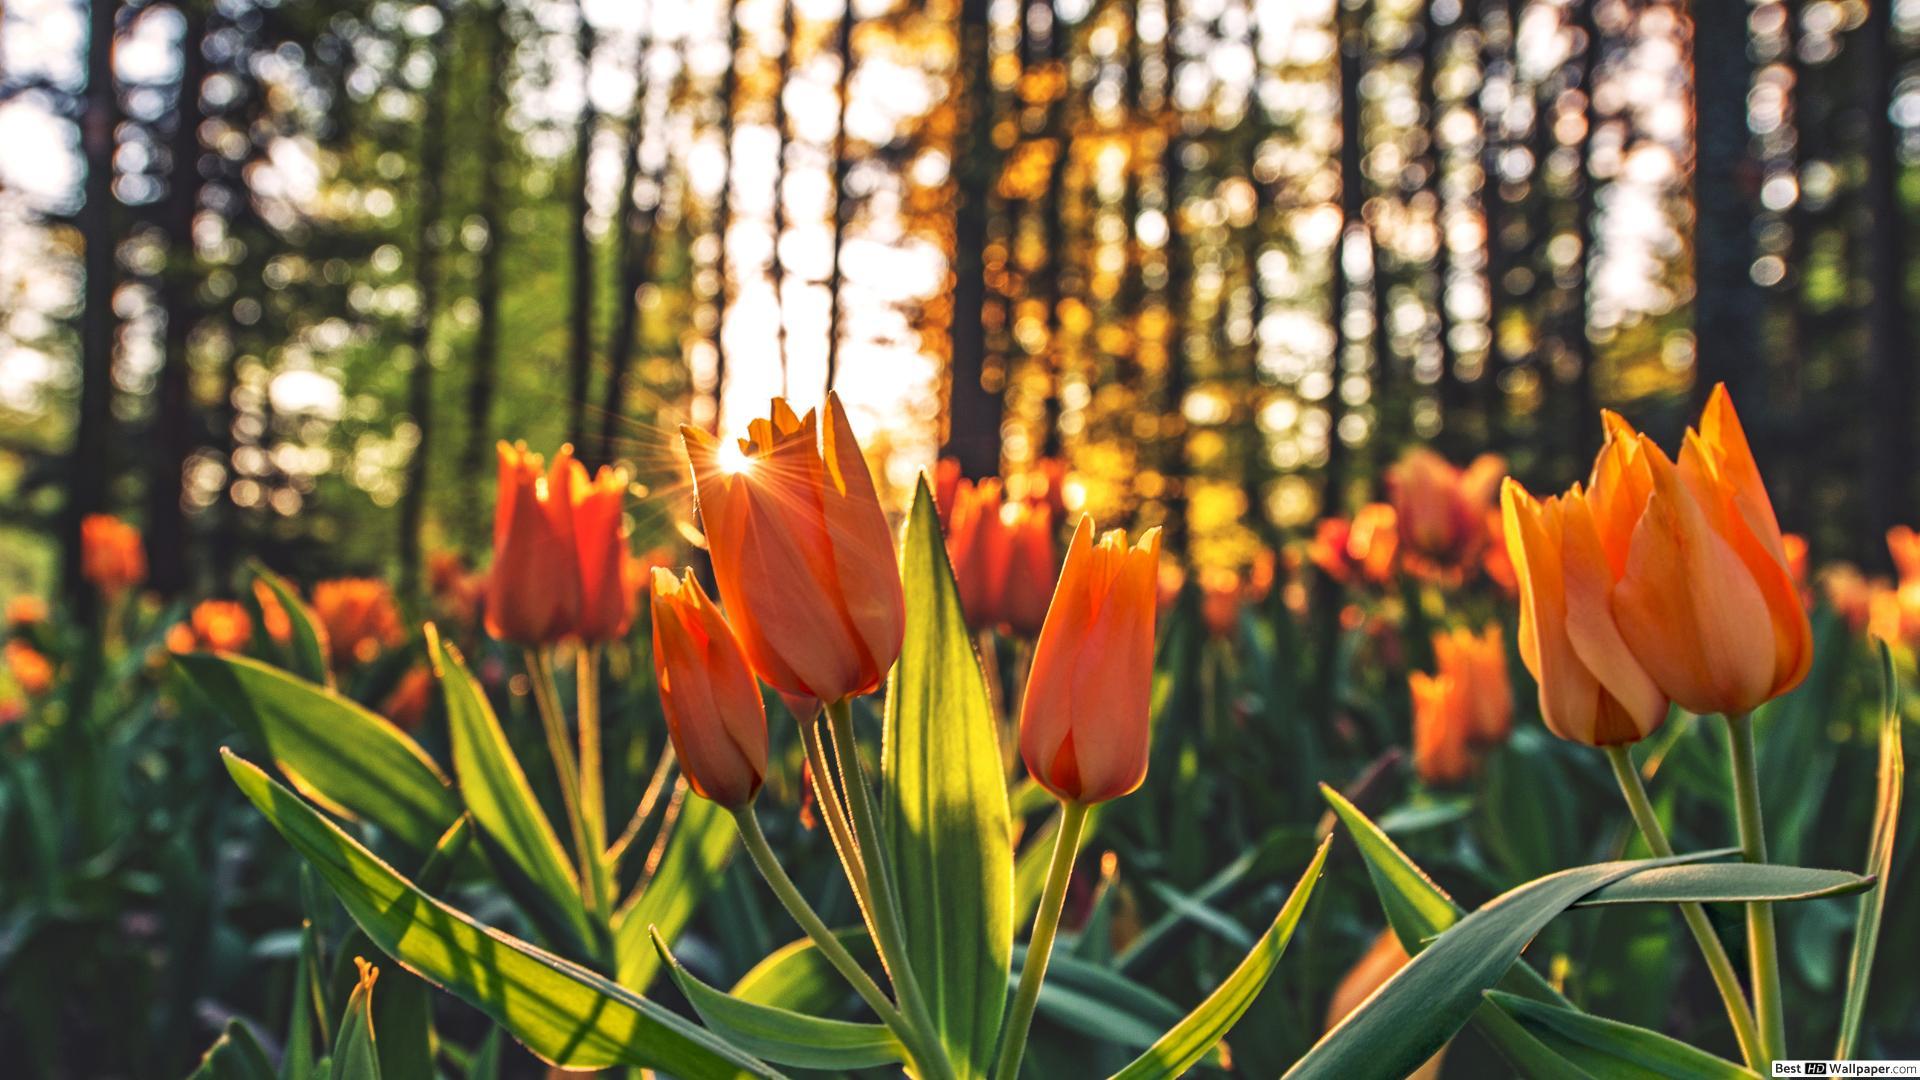 Ảnh hoa Tulip màu cam đẹp và rực rỡ